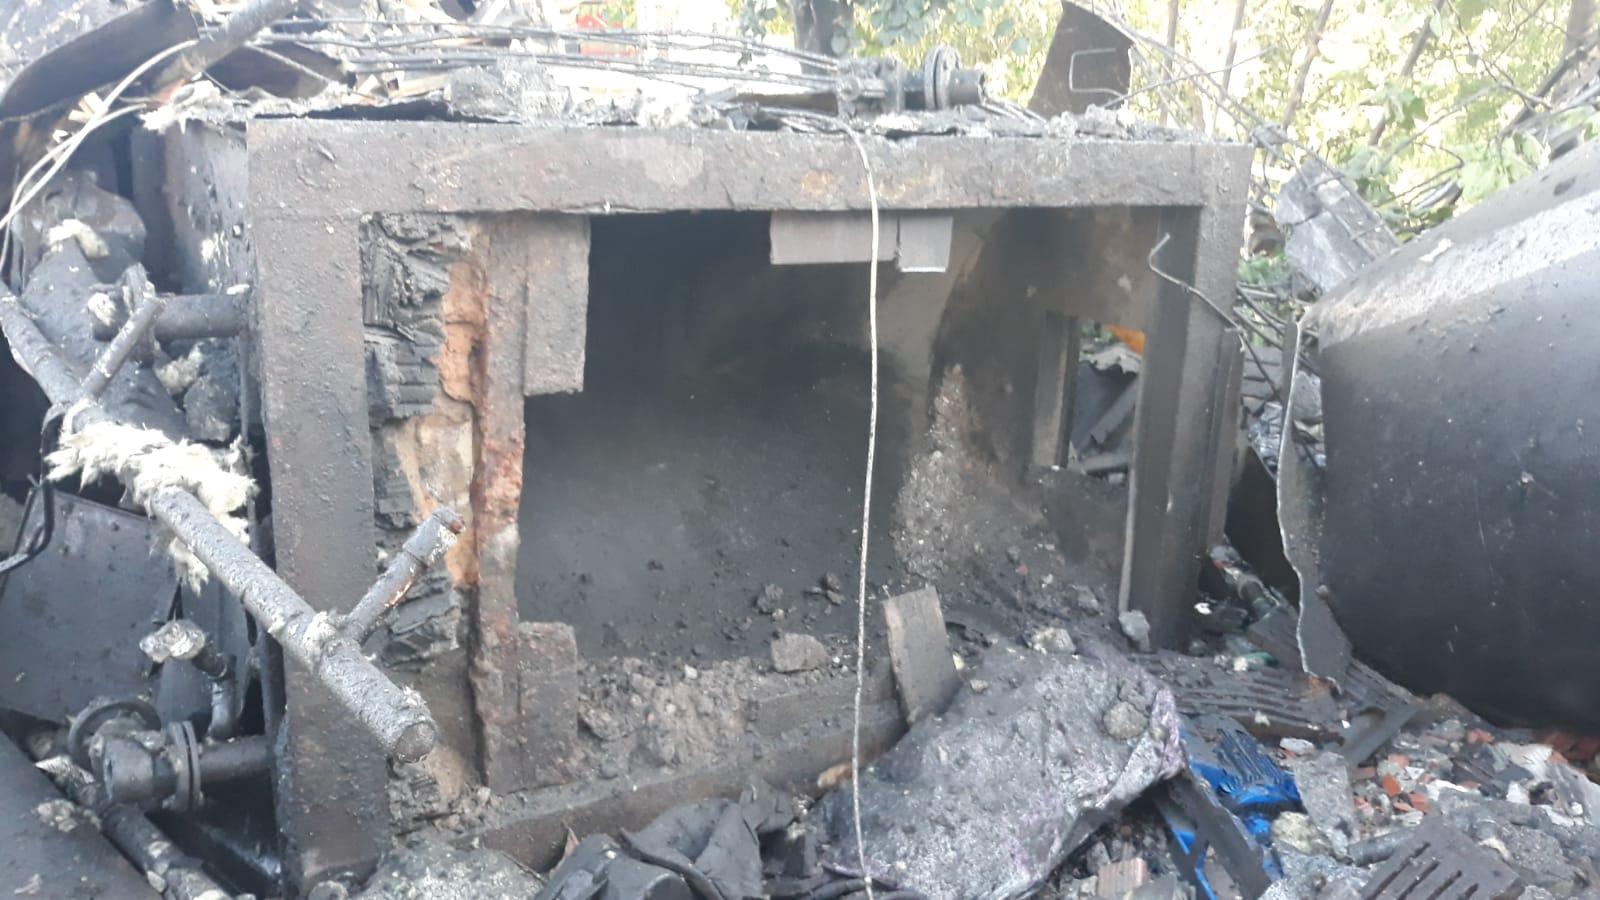 Salyangoz fabrikasındabuhar kazanıpatladı:1 ölü